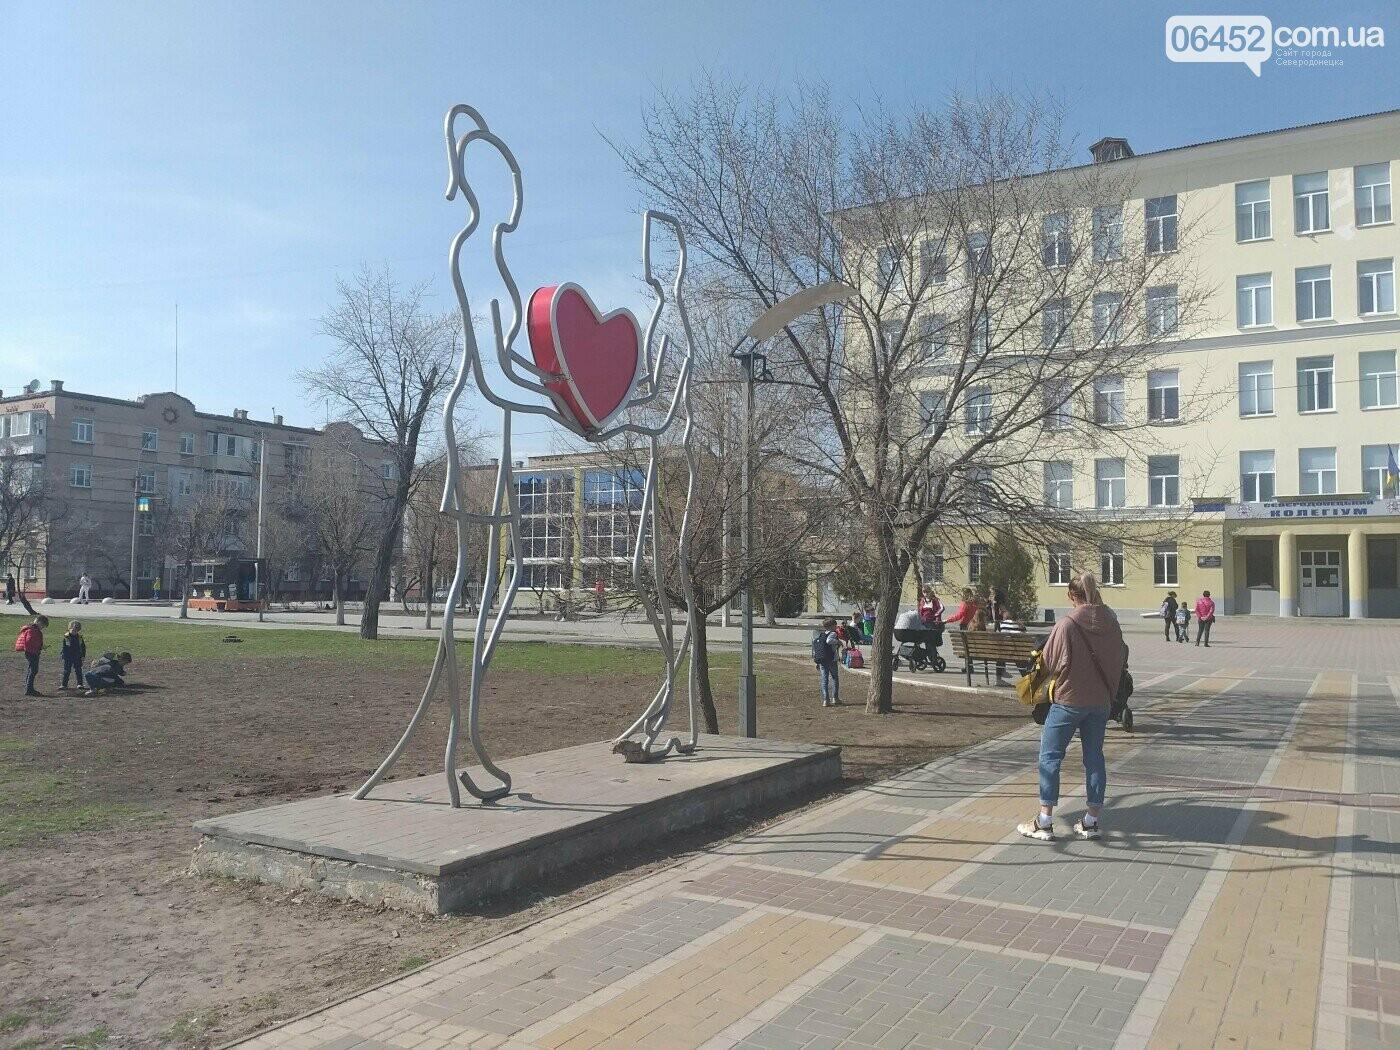 В Северодонецке стартовал  конкурс проектов общественного бюджета, фото-1